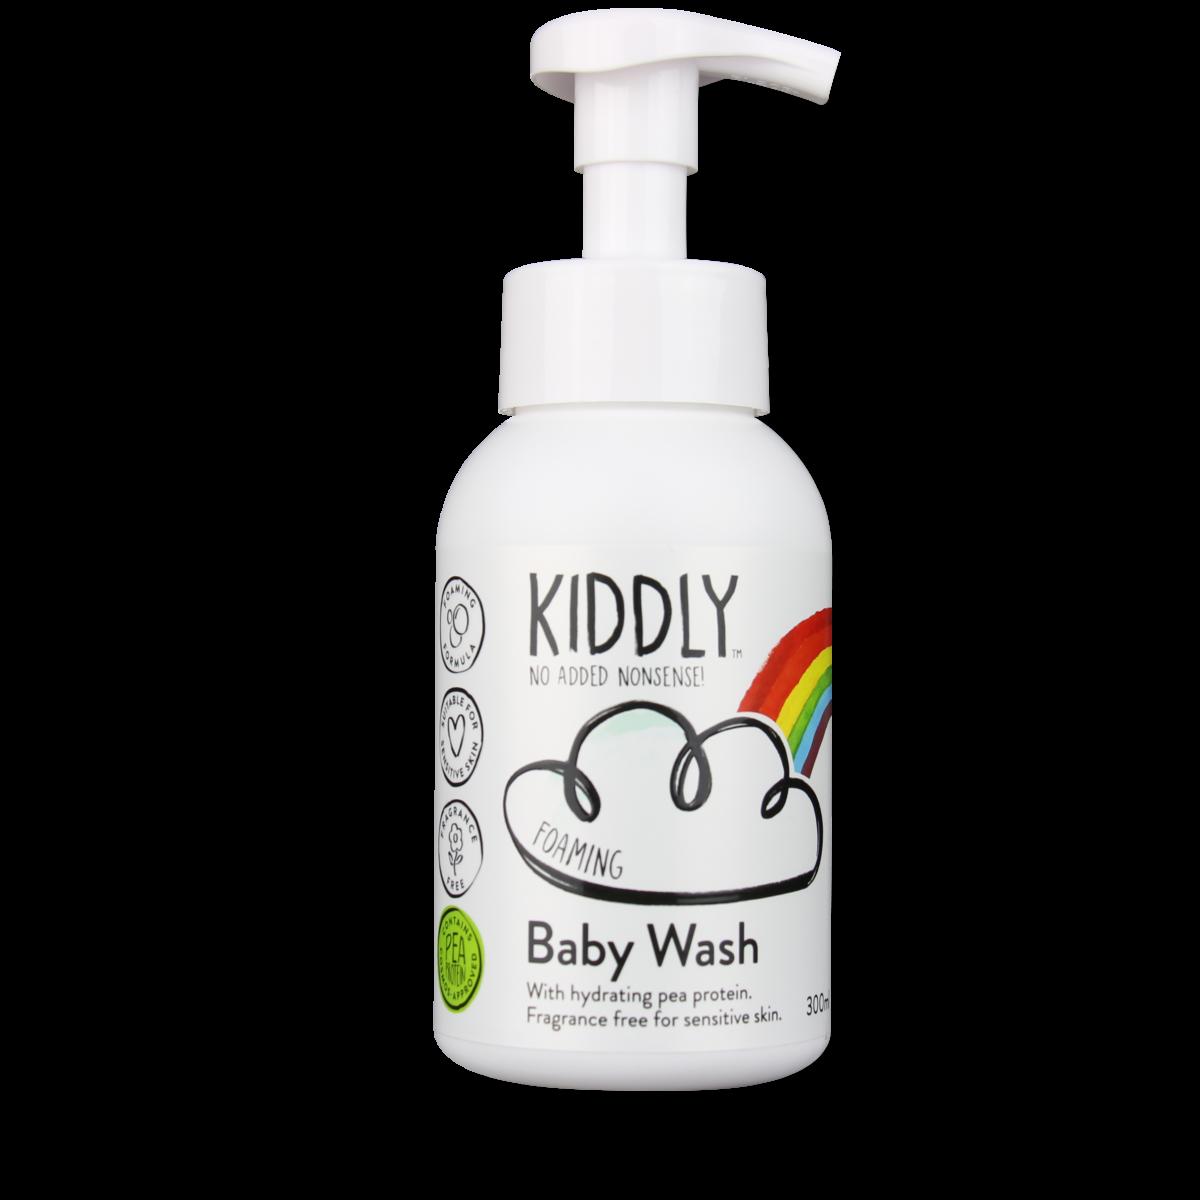 BABY WASH(オーガニック原料、ピープロテイン配合)